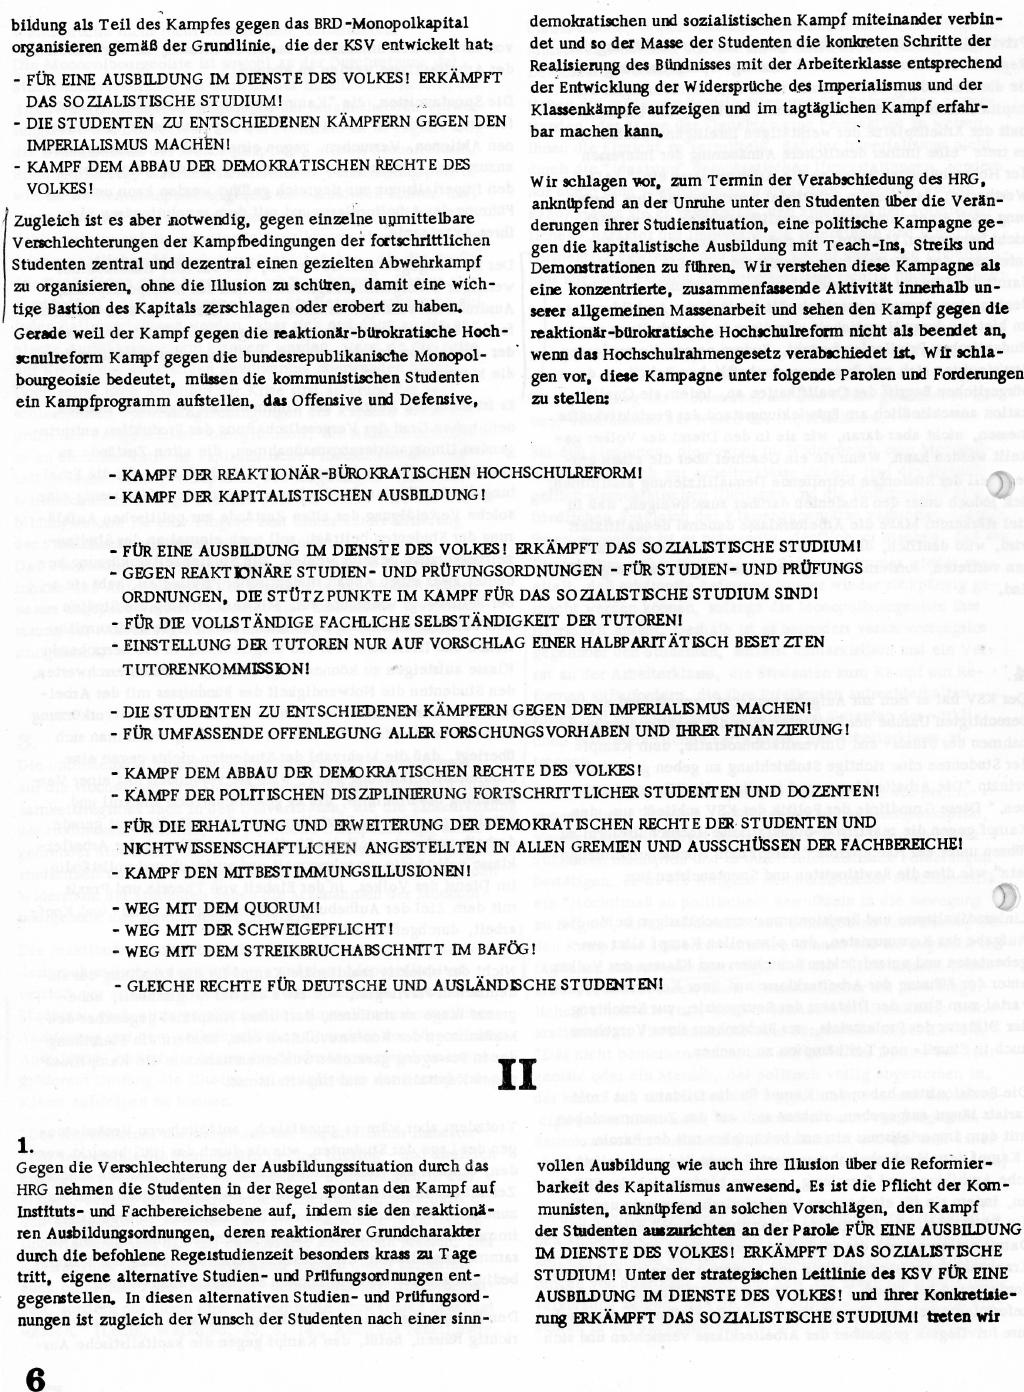 RPK_1971_137_06